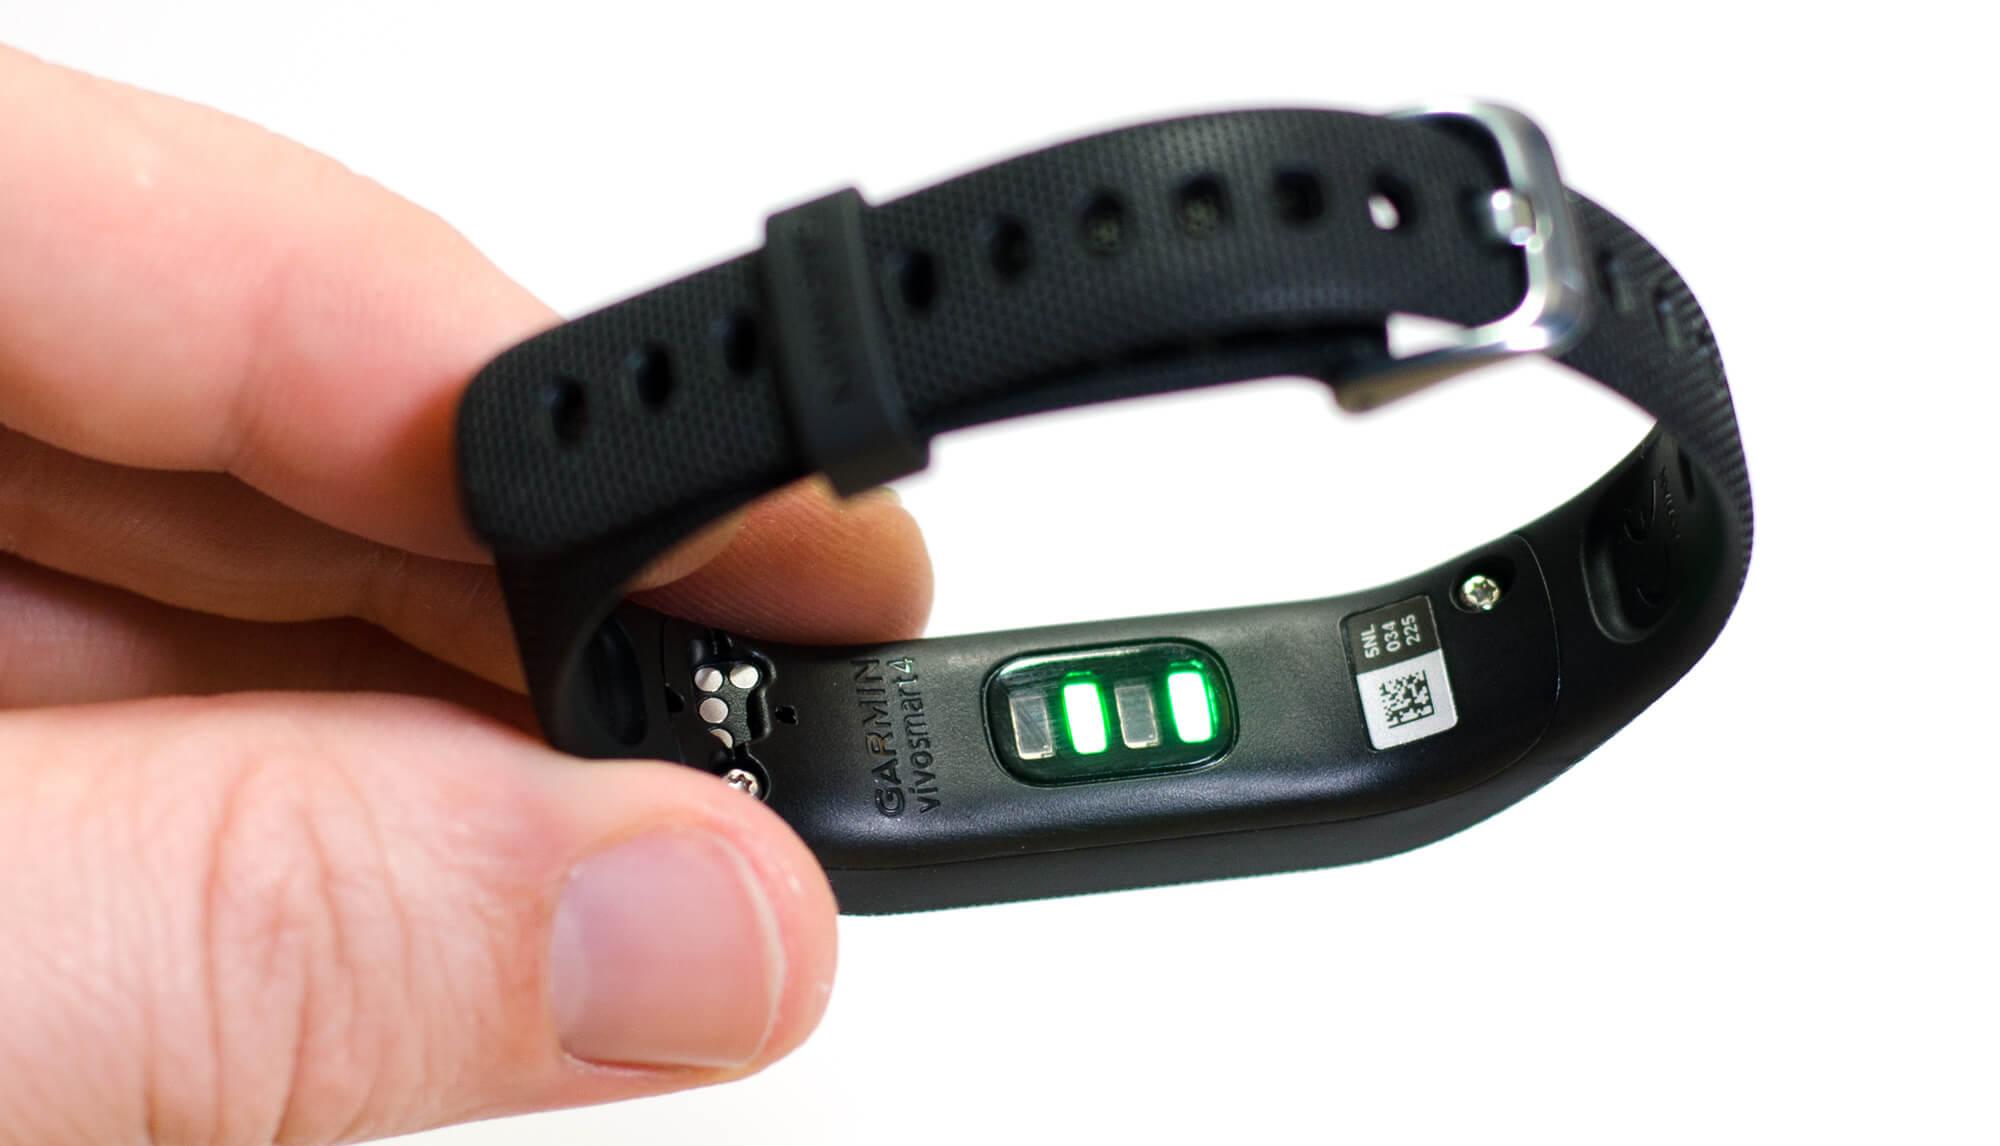 Garmin vivosmart 4 - Sensoren